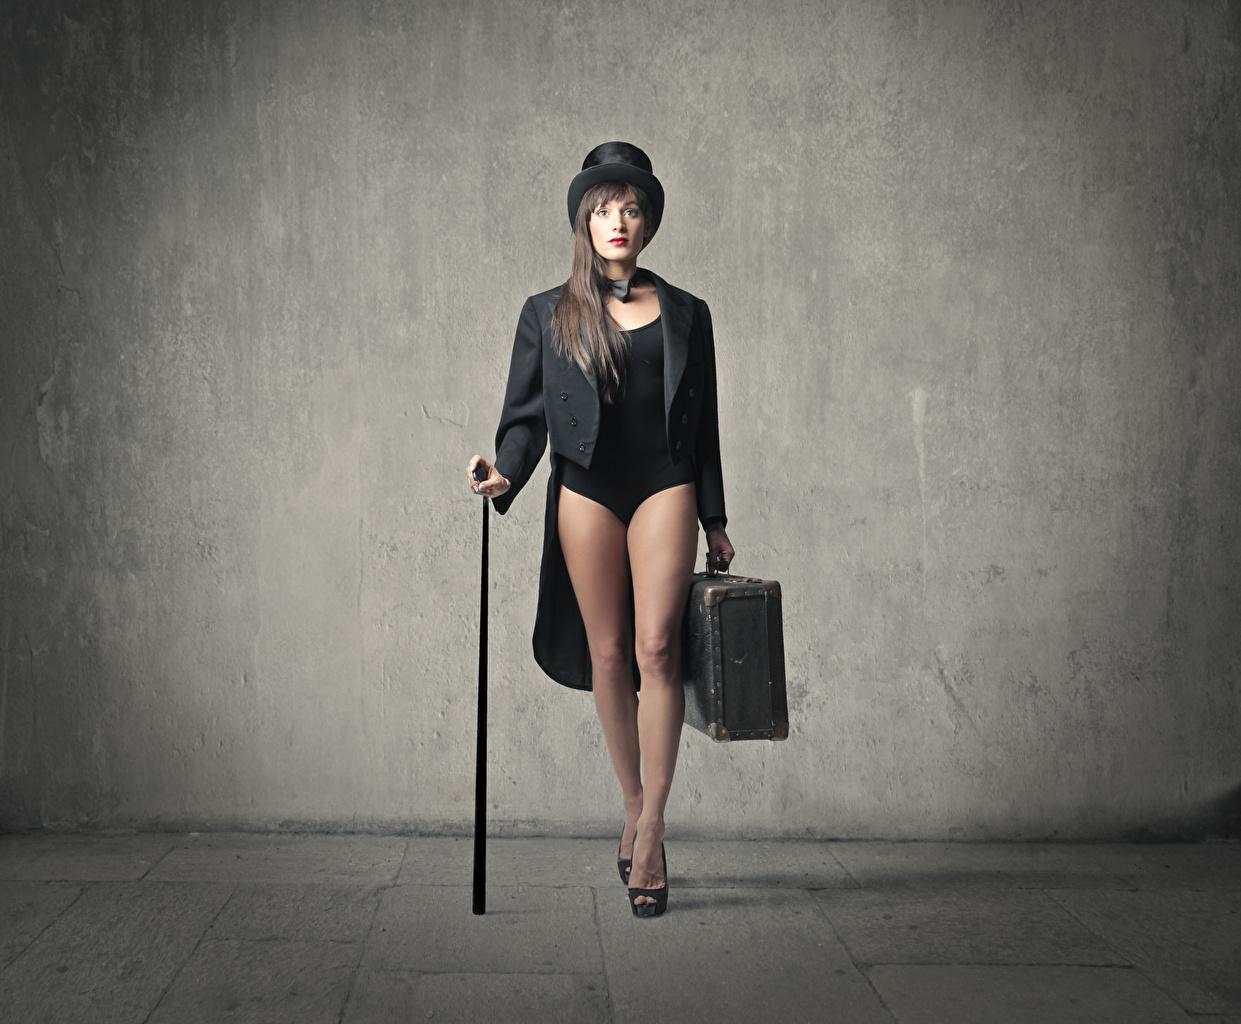 Bilder von Braunhaarige Der Hut Mädchens Bein Koffer Braune Haare